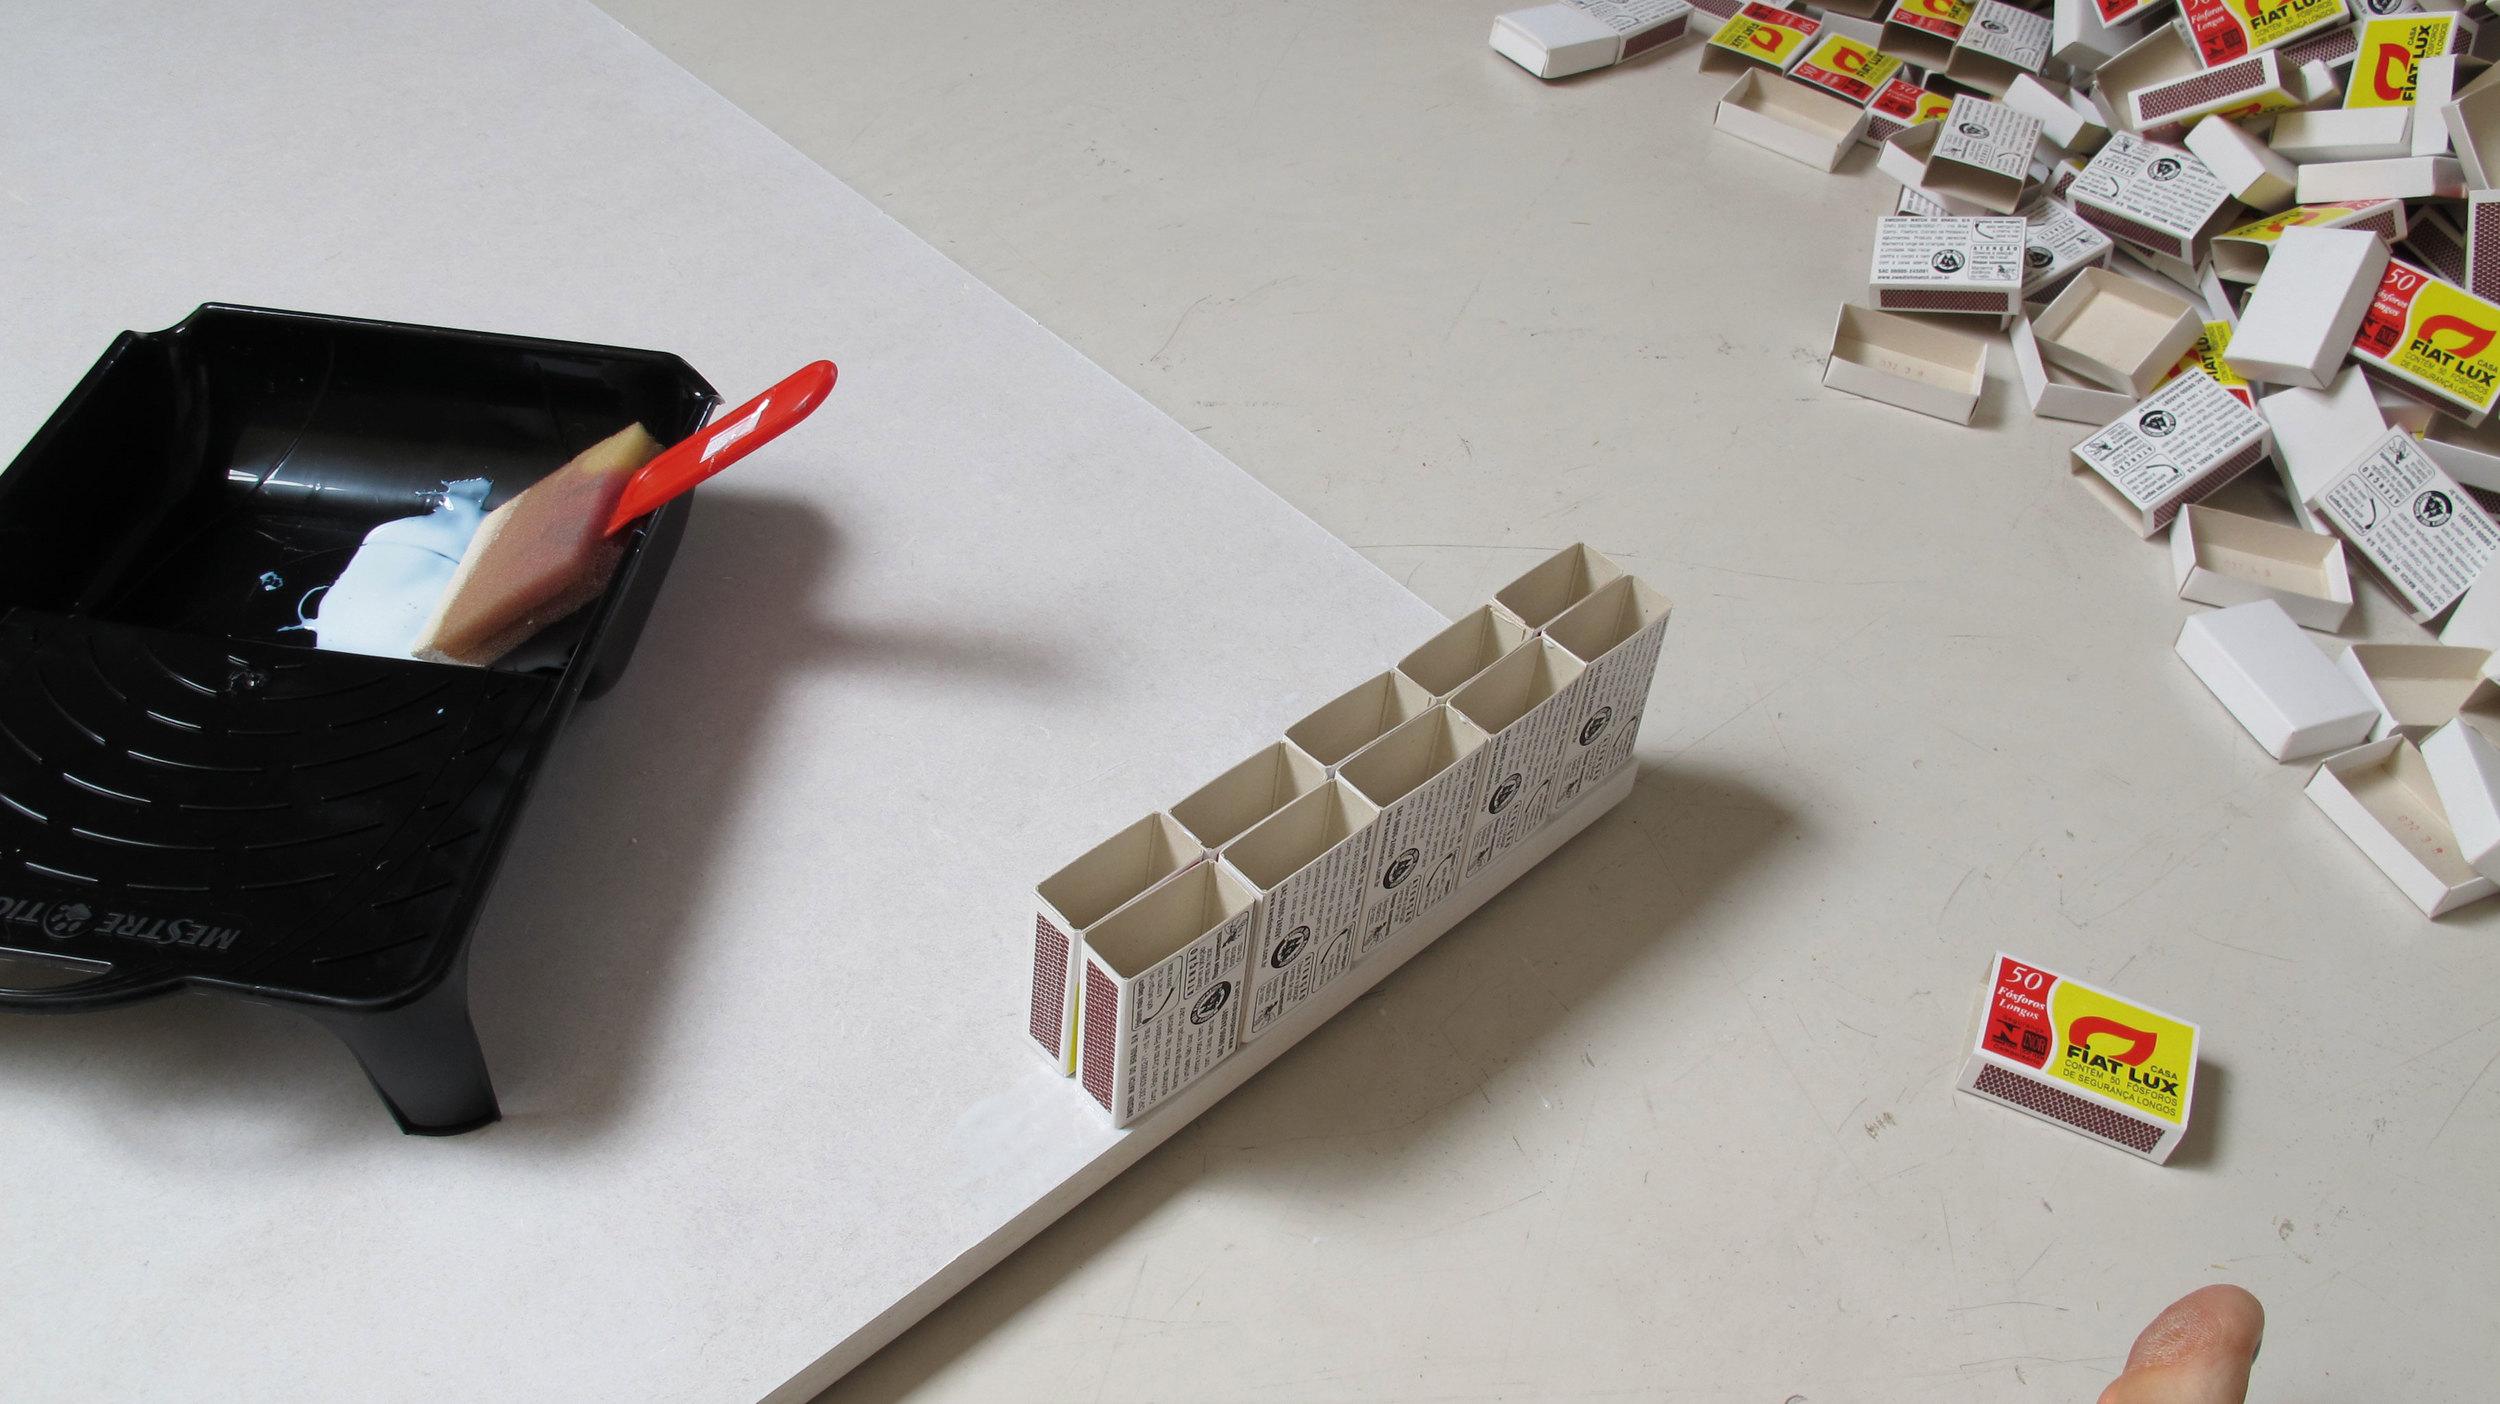 colagem-das-caixas1_30x17_300DPI.jpg